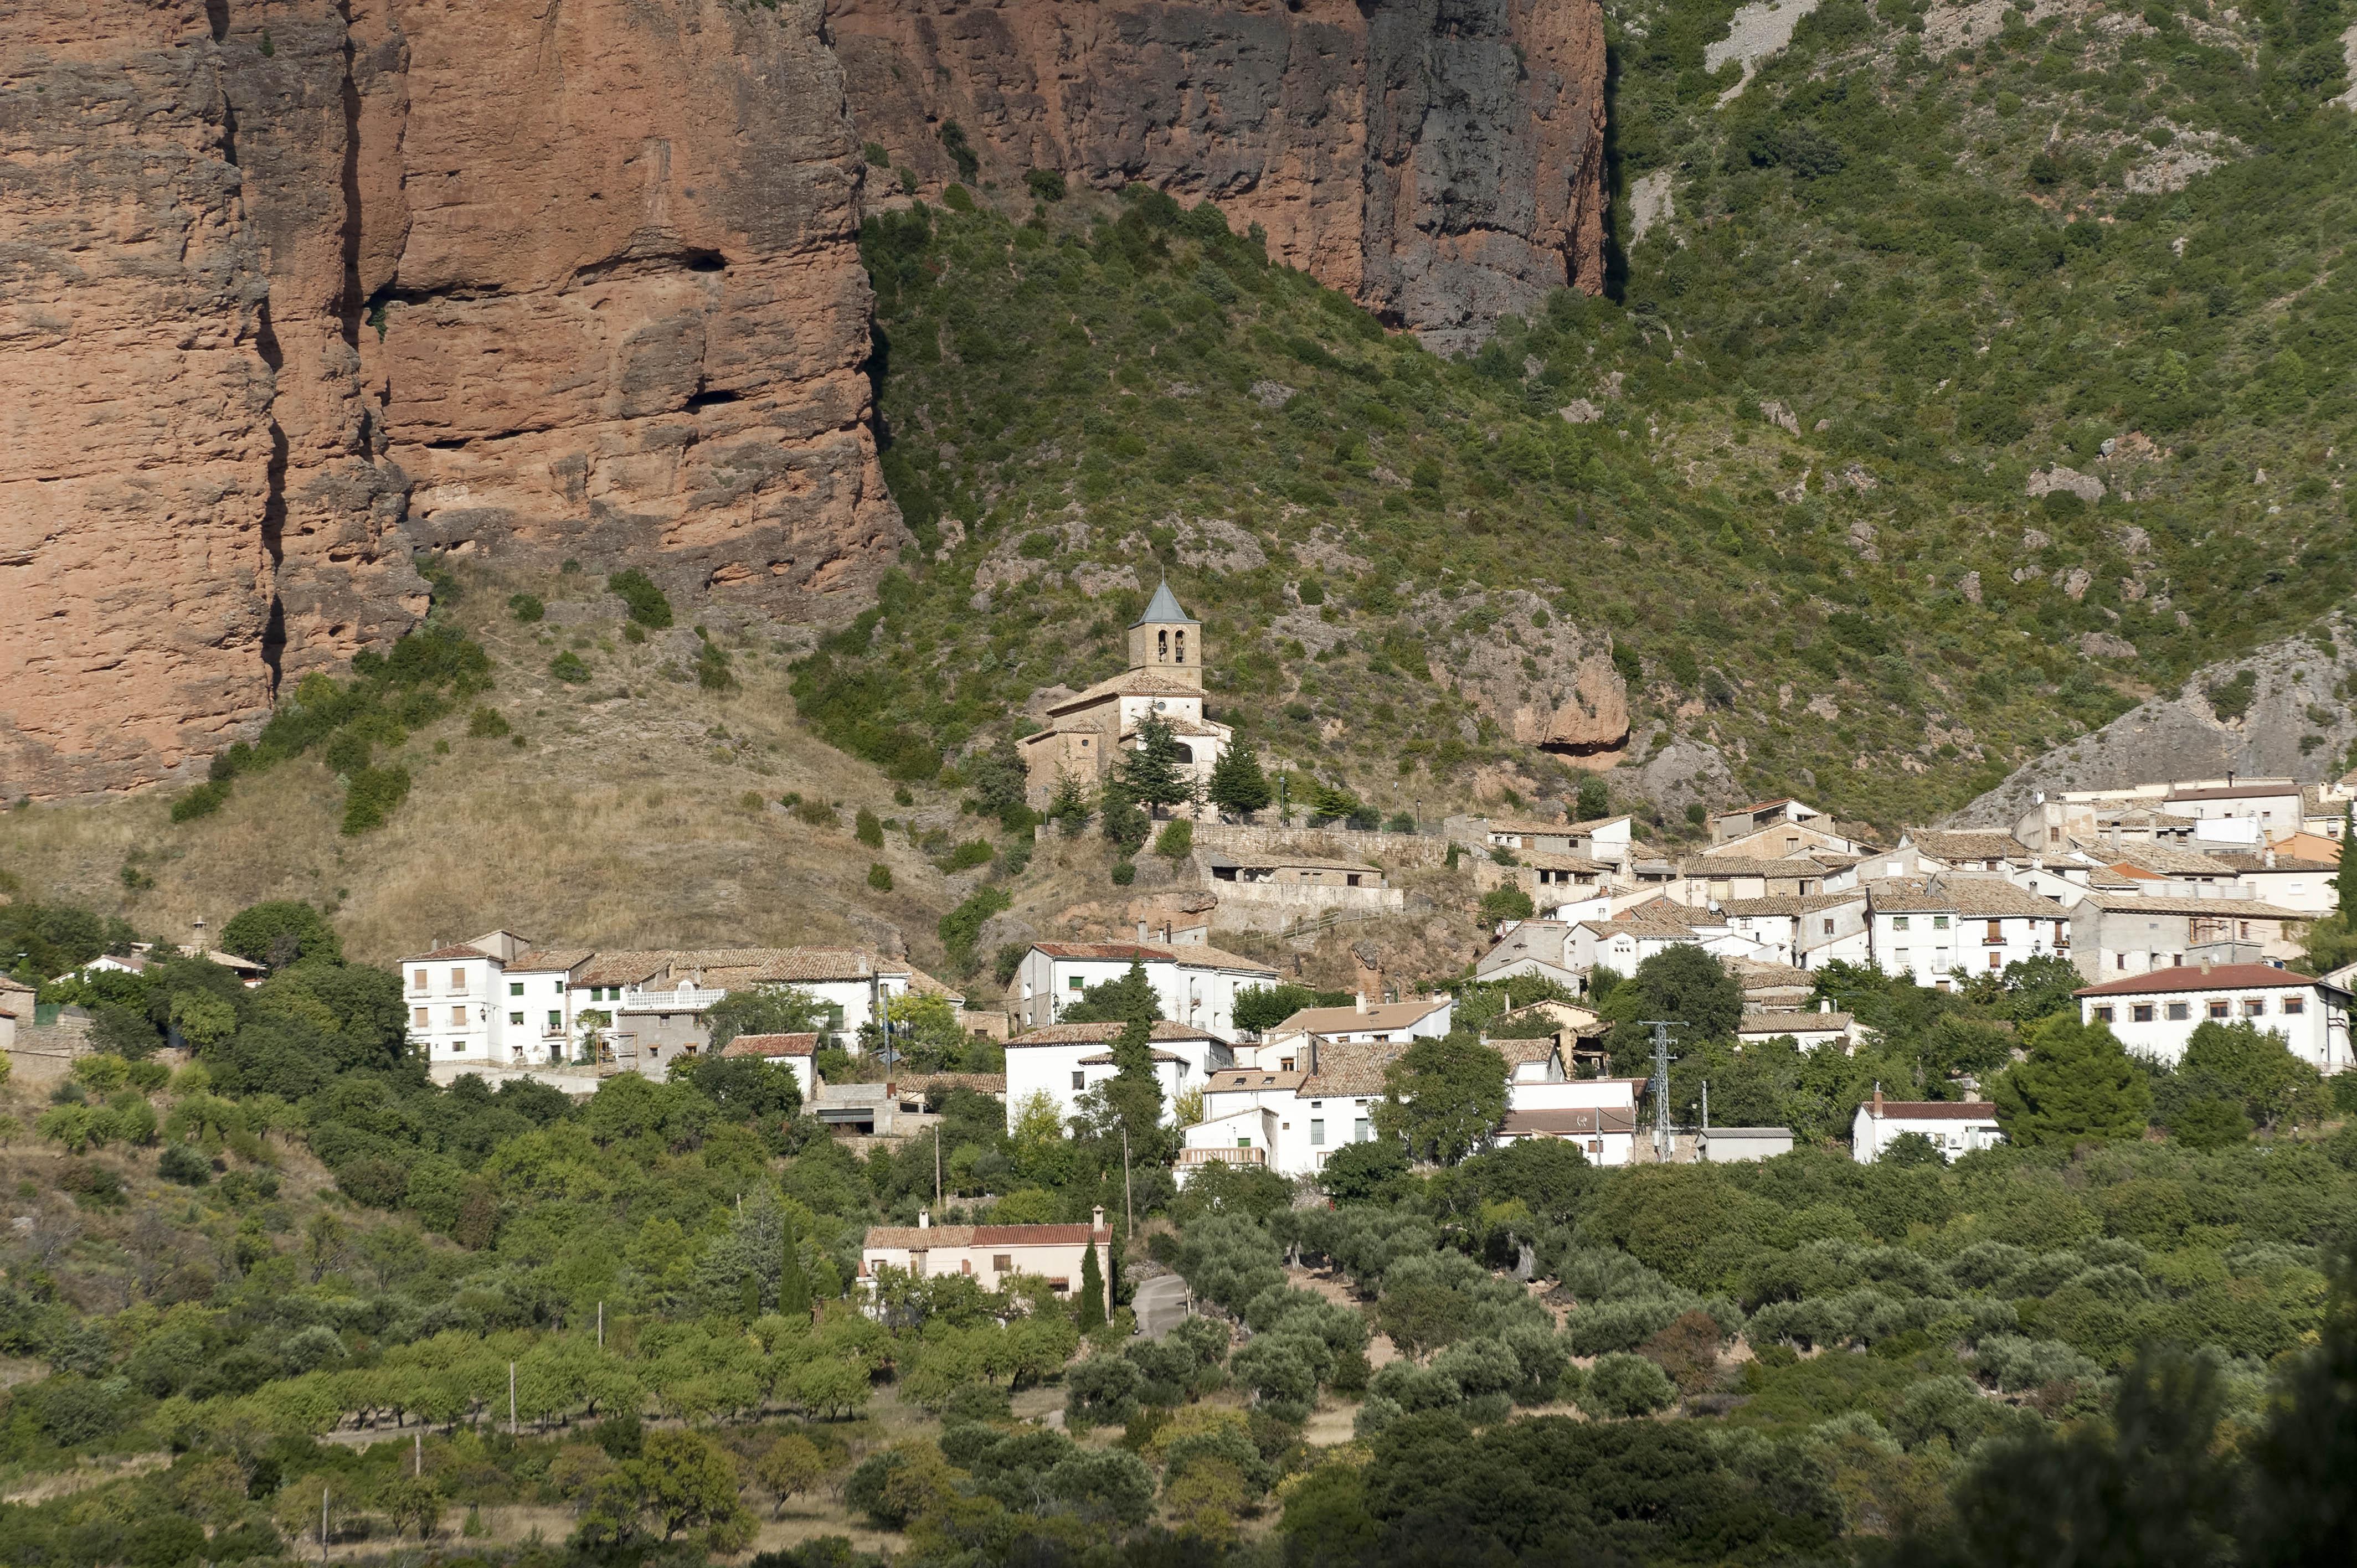 3564_Mallos de Riglos (Aragon)